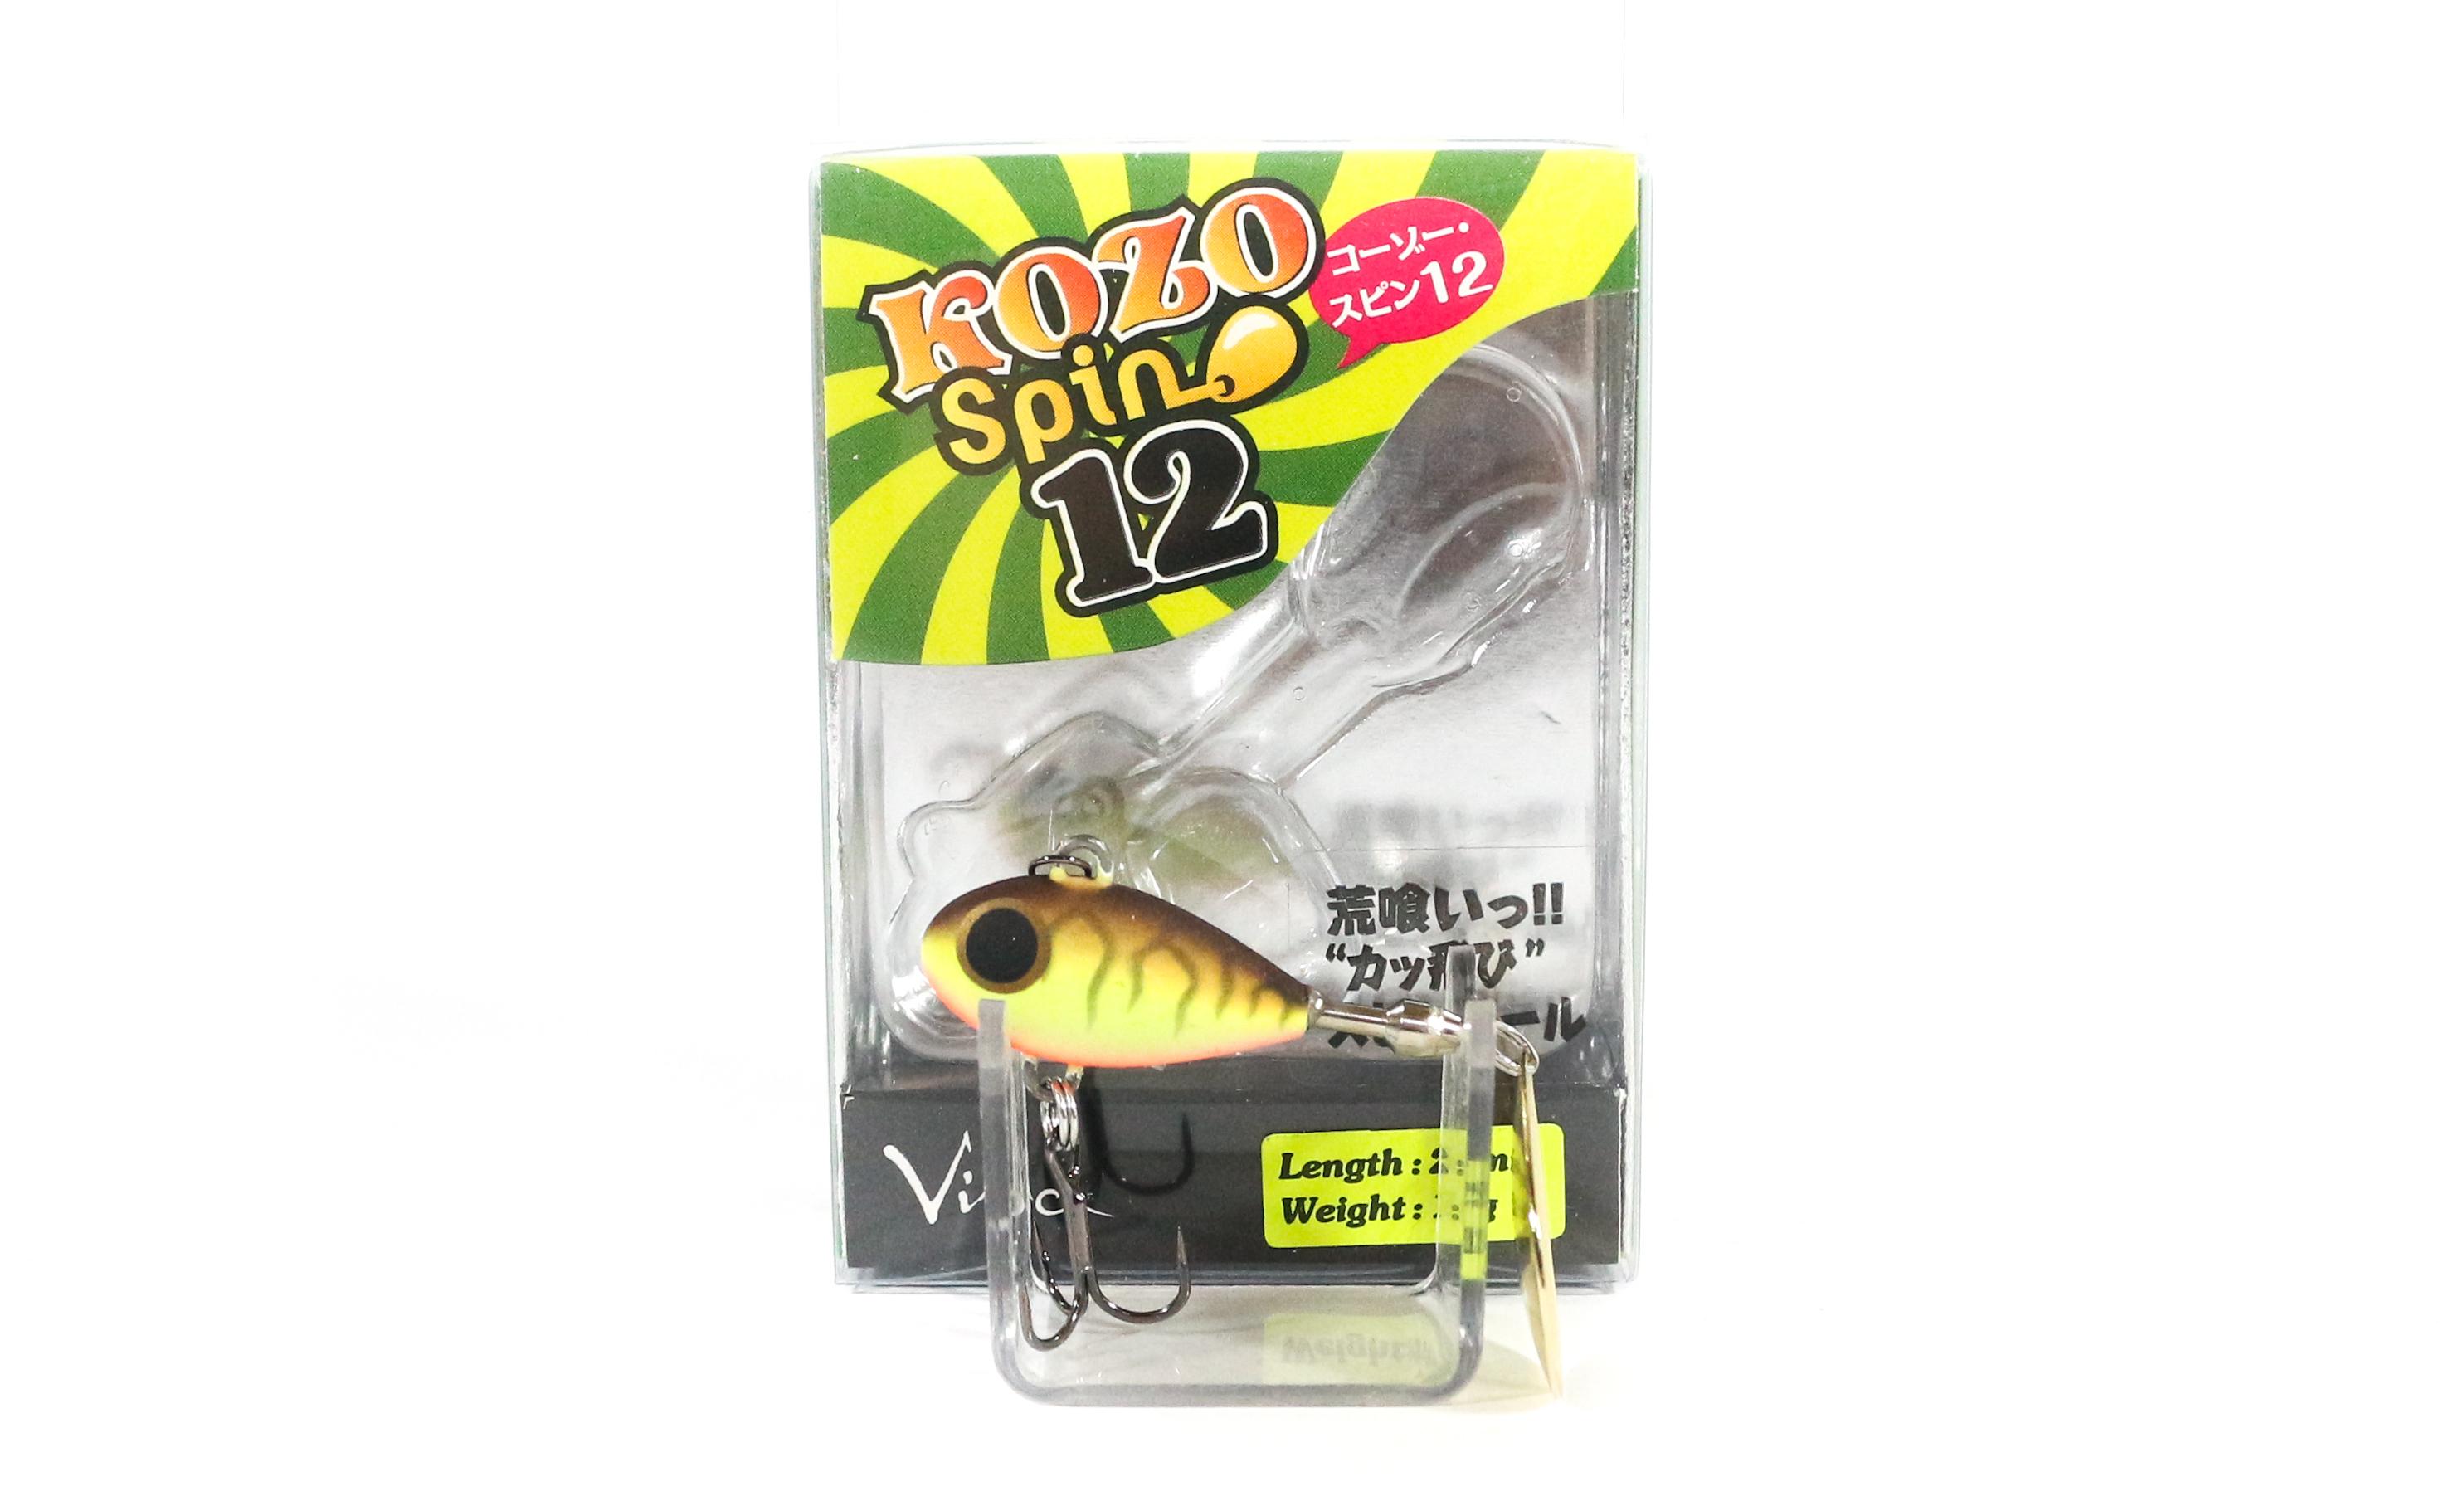 Viva Kozo Spin 12 grams Spinner Bait Lure 140 (7540)